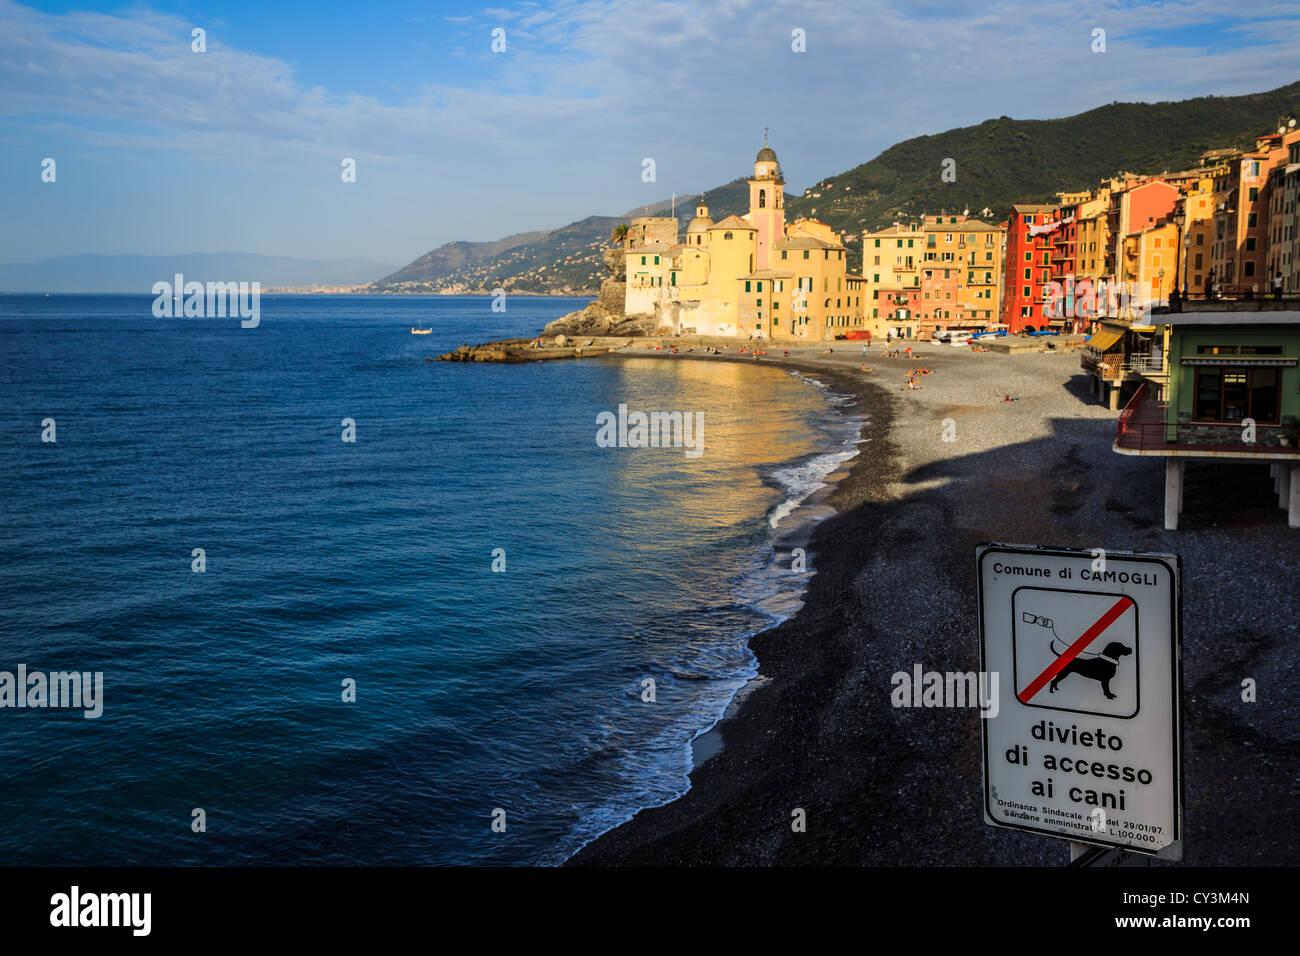 Camogli near Portofino Riviera di Levante, Liguria, Italy - Stock Image